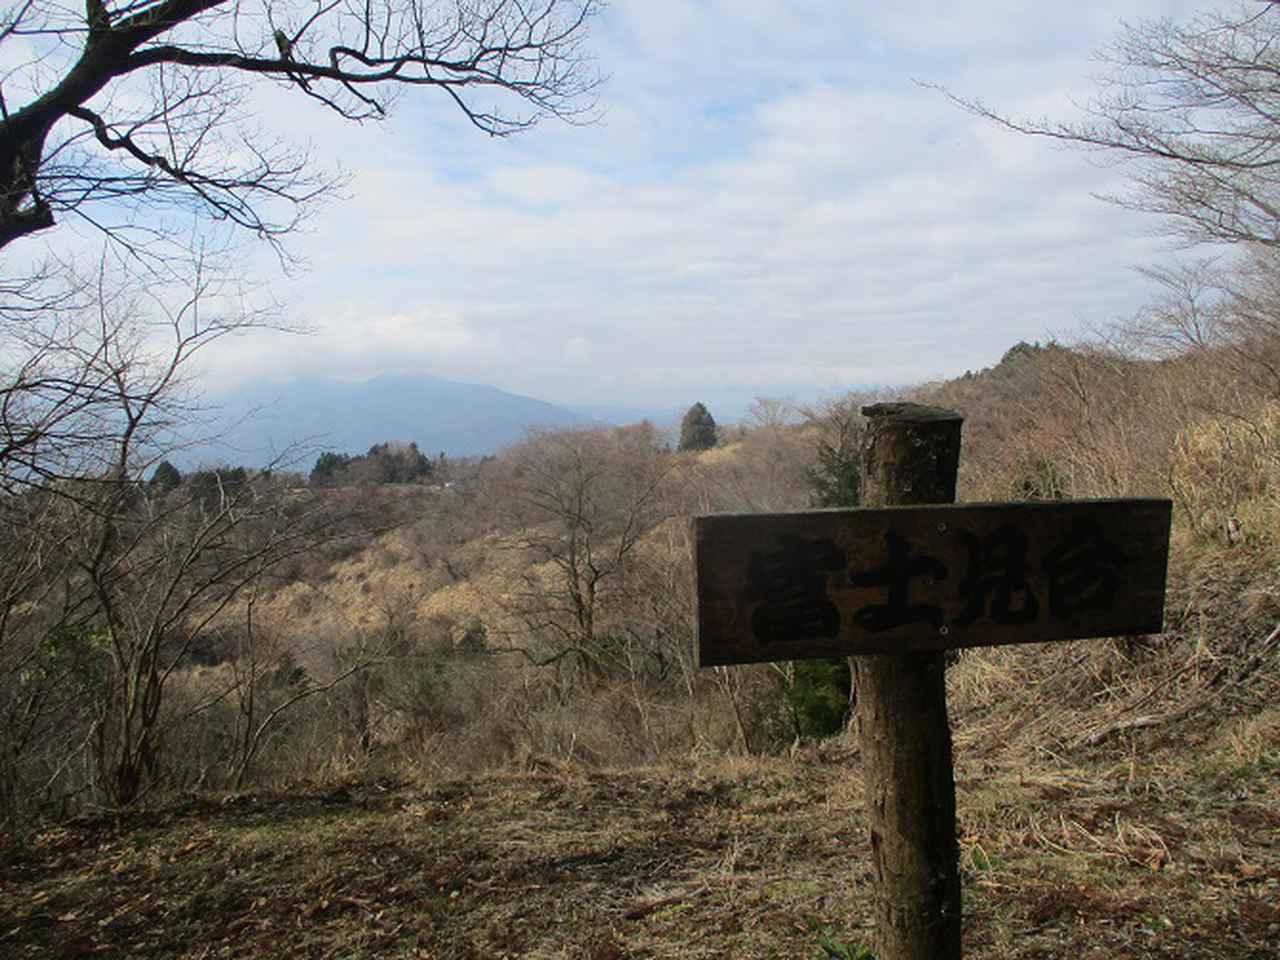 画像2: 3月の山旅会 高松山 の下見に行ってきました!